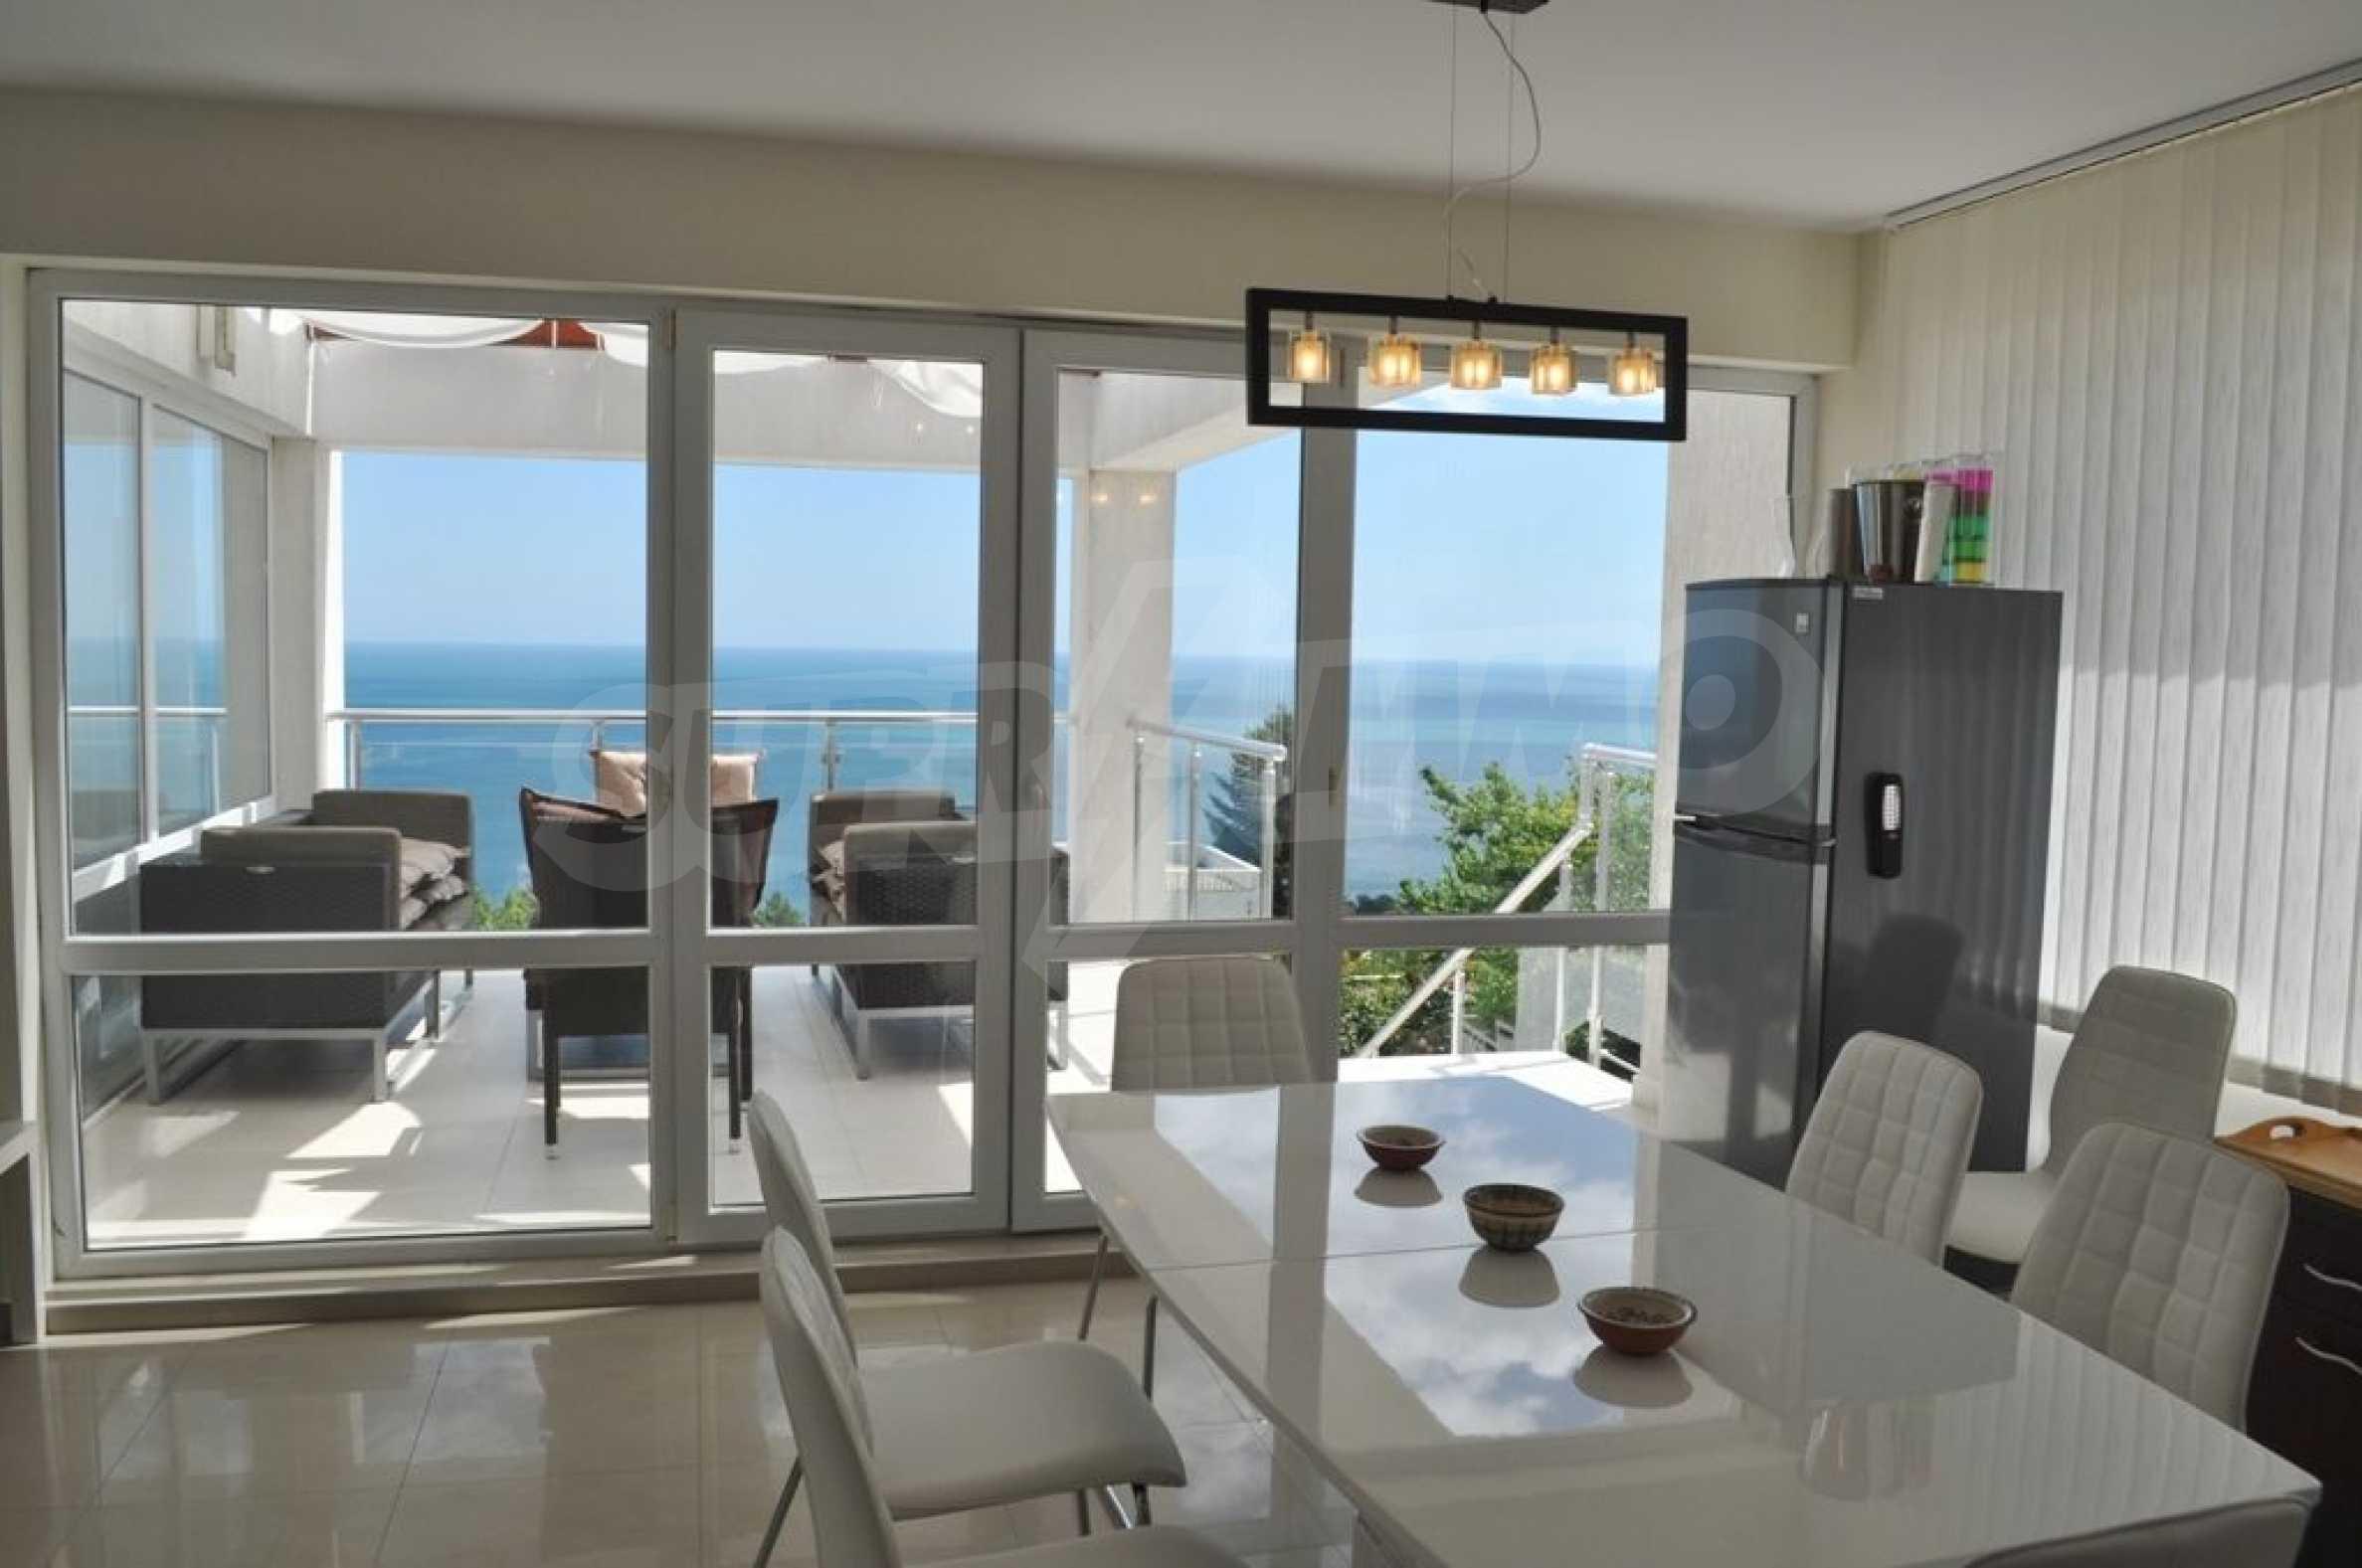 Luxusvilla mit 4 Schlafzimmern zu vermieten in der Nähe des Resorts. Albena 5